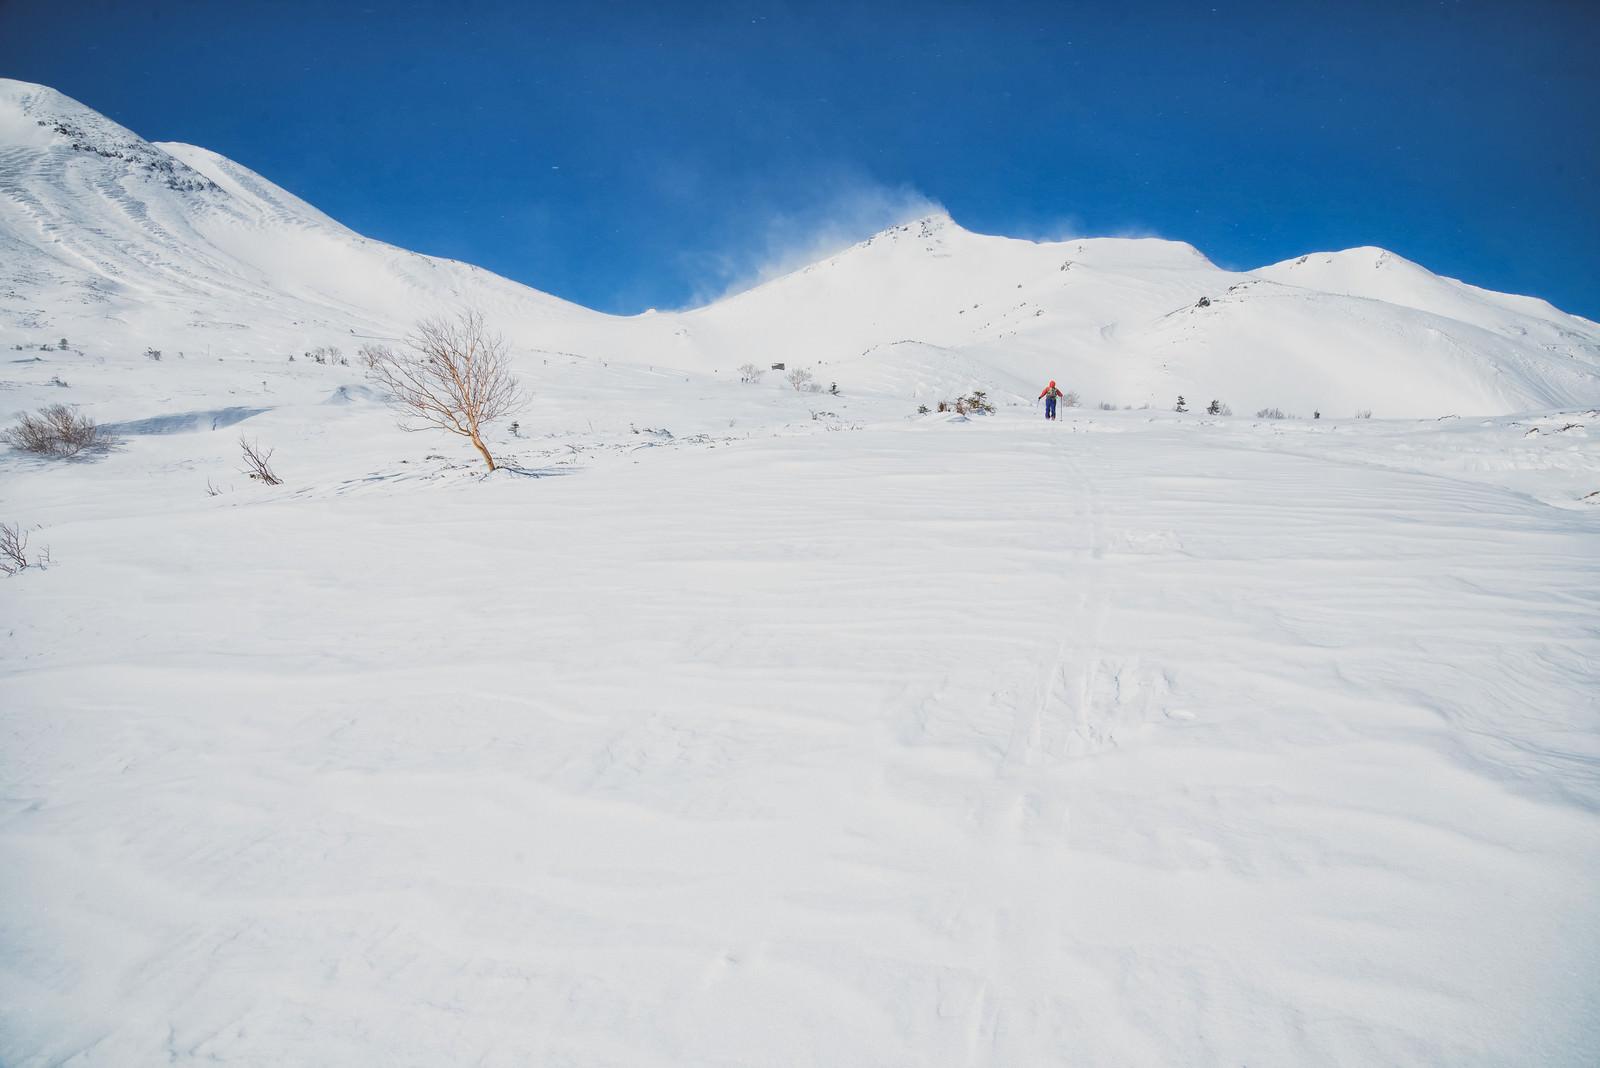 「乗鞍高原を踏破するバックカントリースキーヤー(北アルプス)」の写真